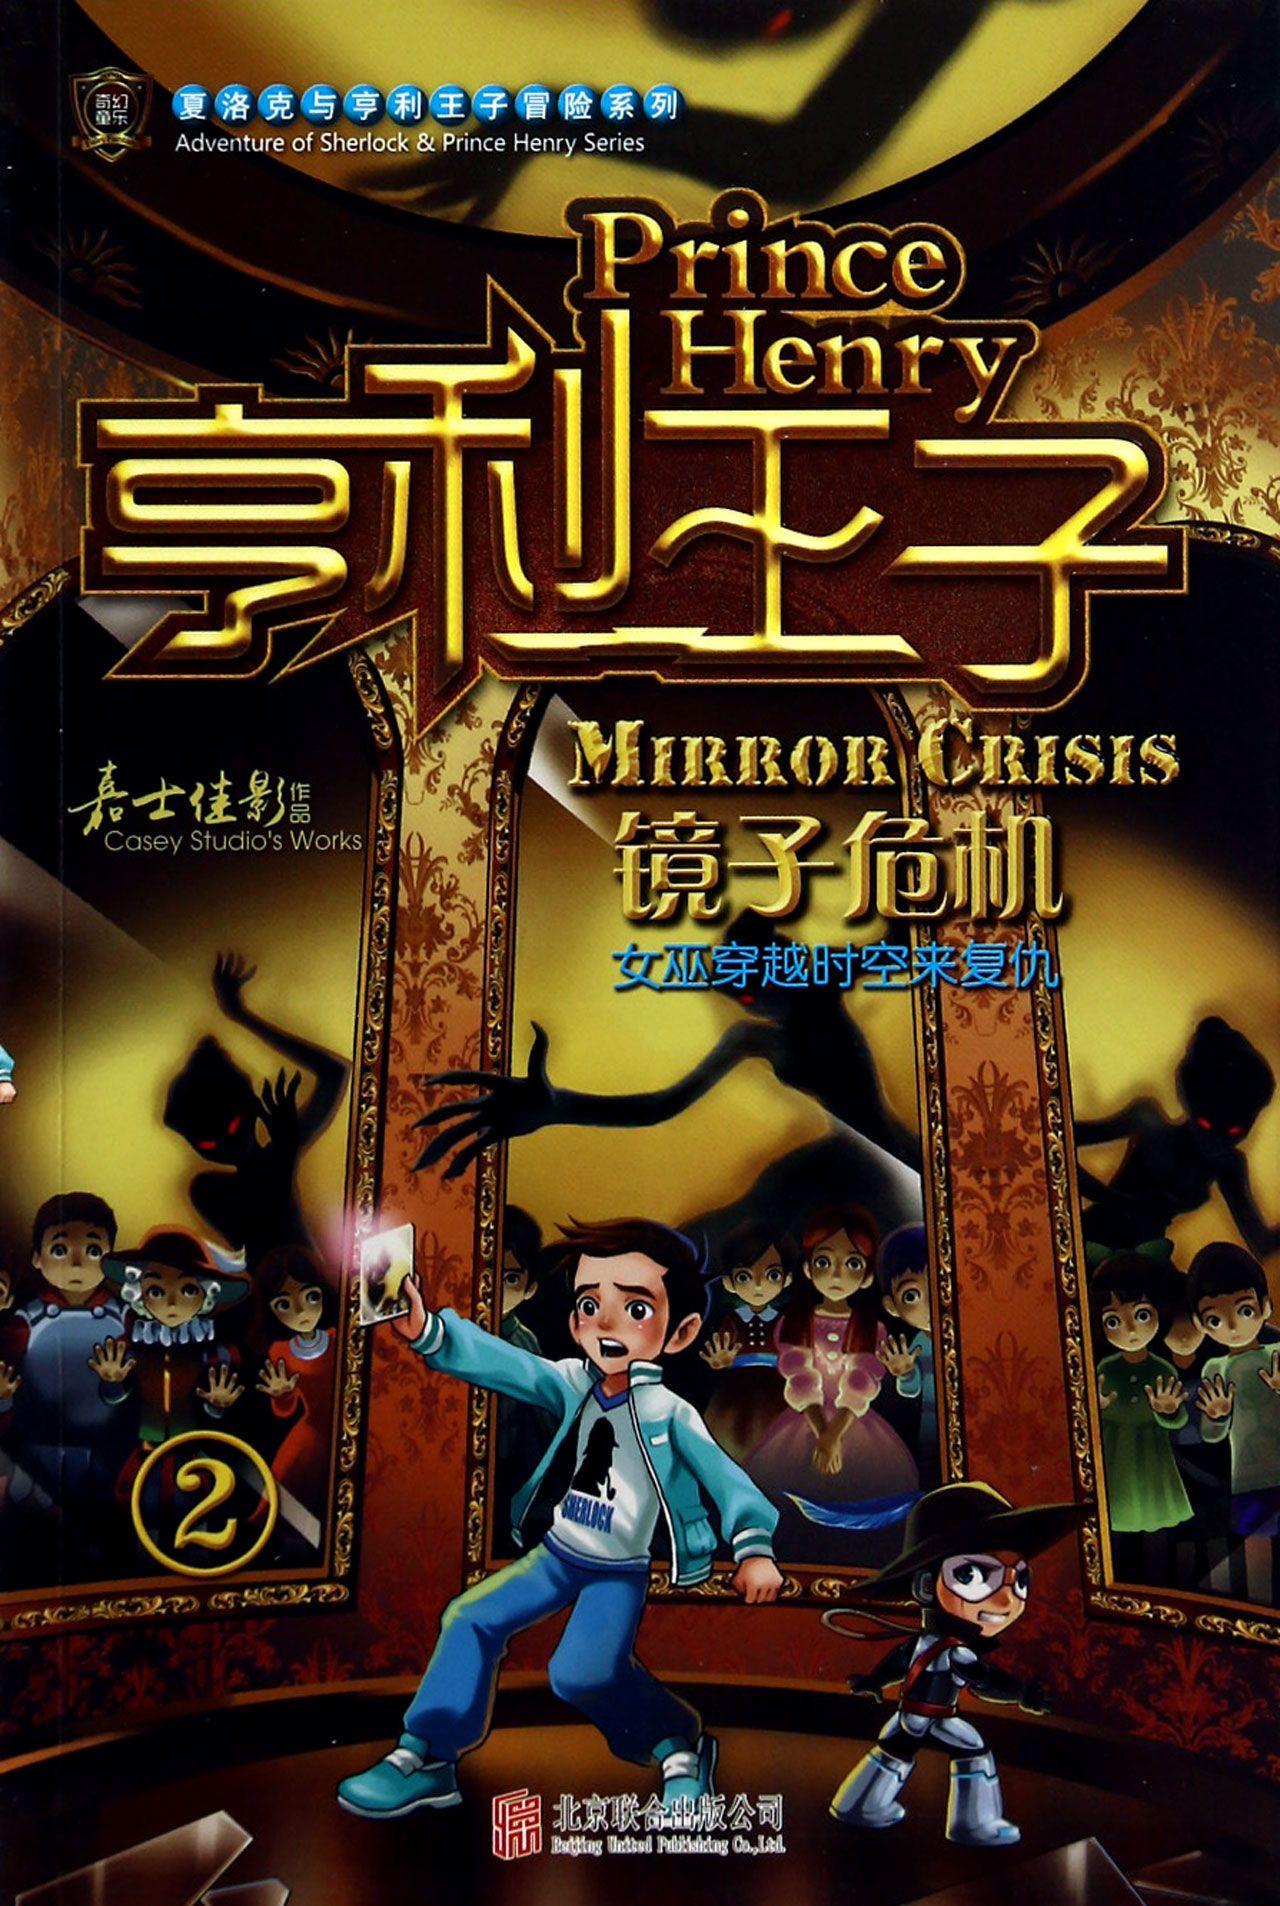 亨利王子_亨利王子(2镜子危机)/夏洛克与亨利王子冒险系列